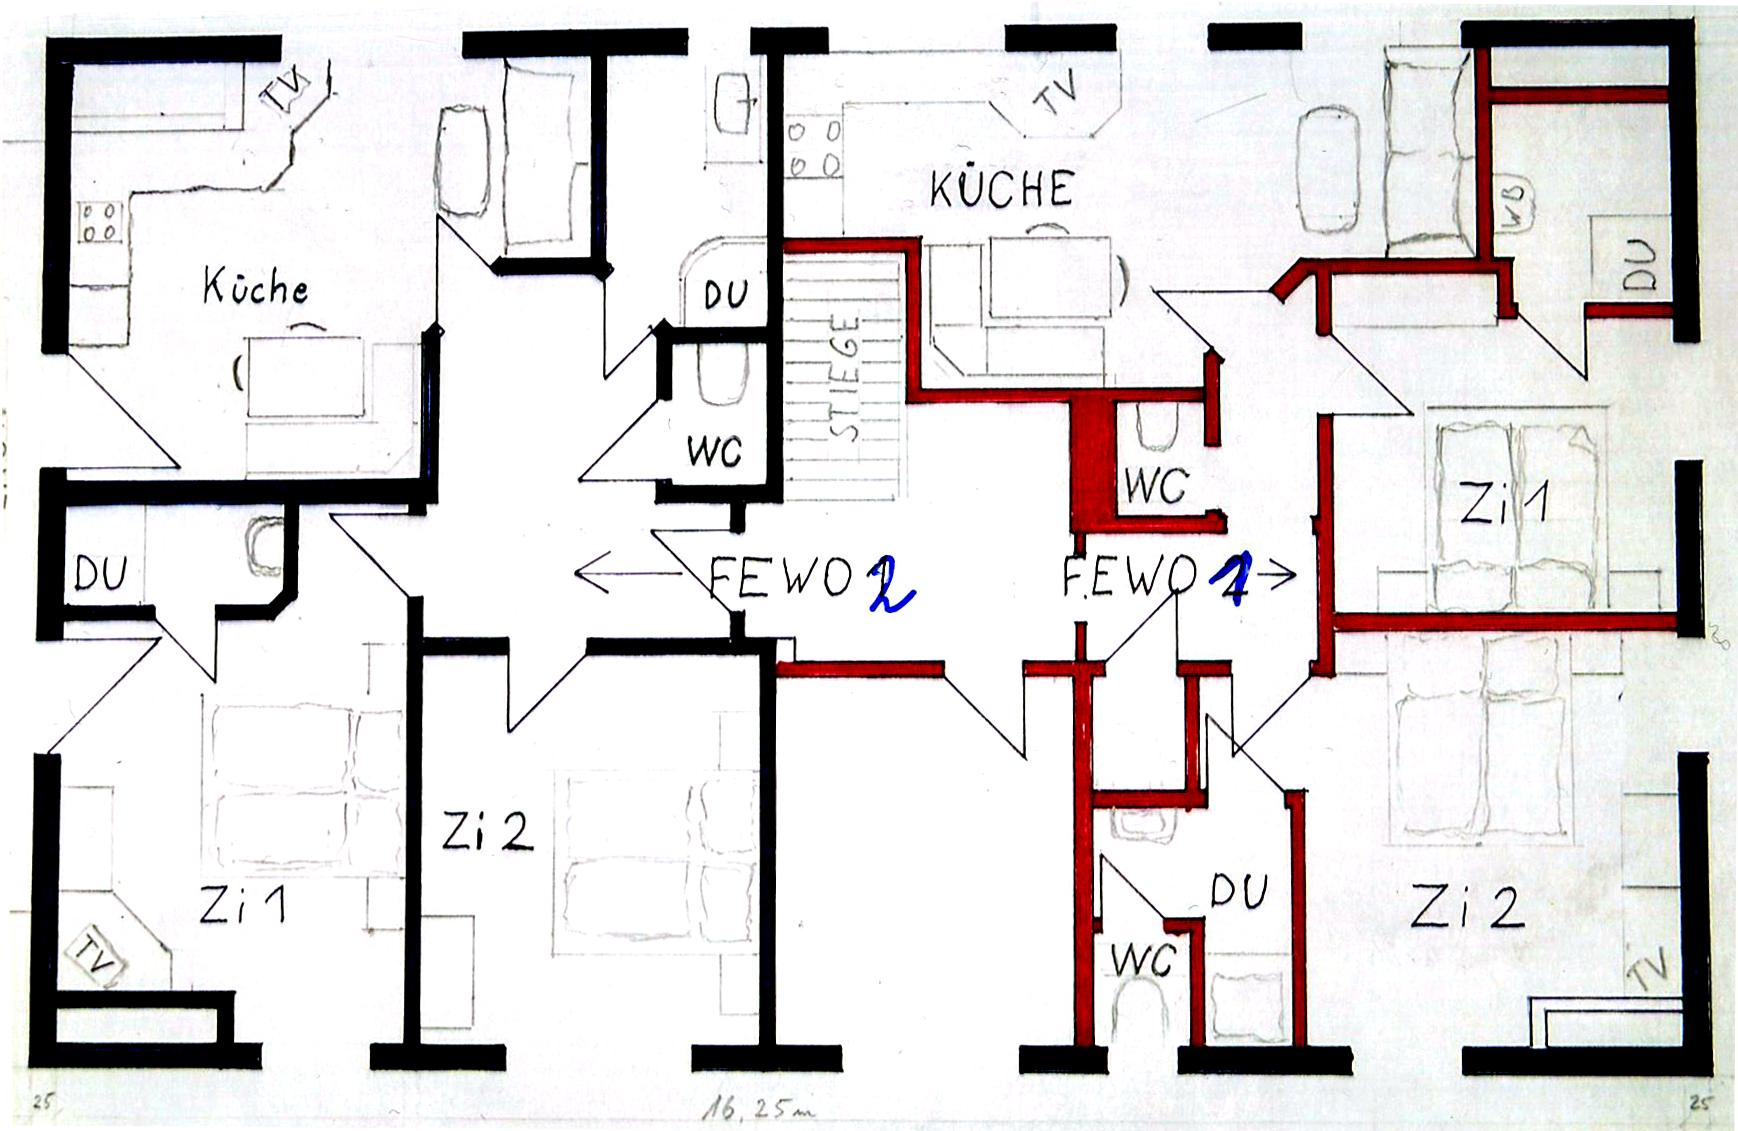 Appartements im kocherhof in mariapfarr im lungau for Haus plan bilder